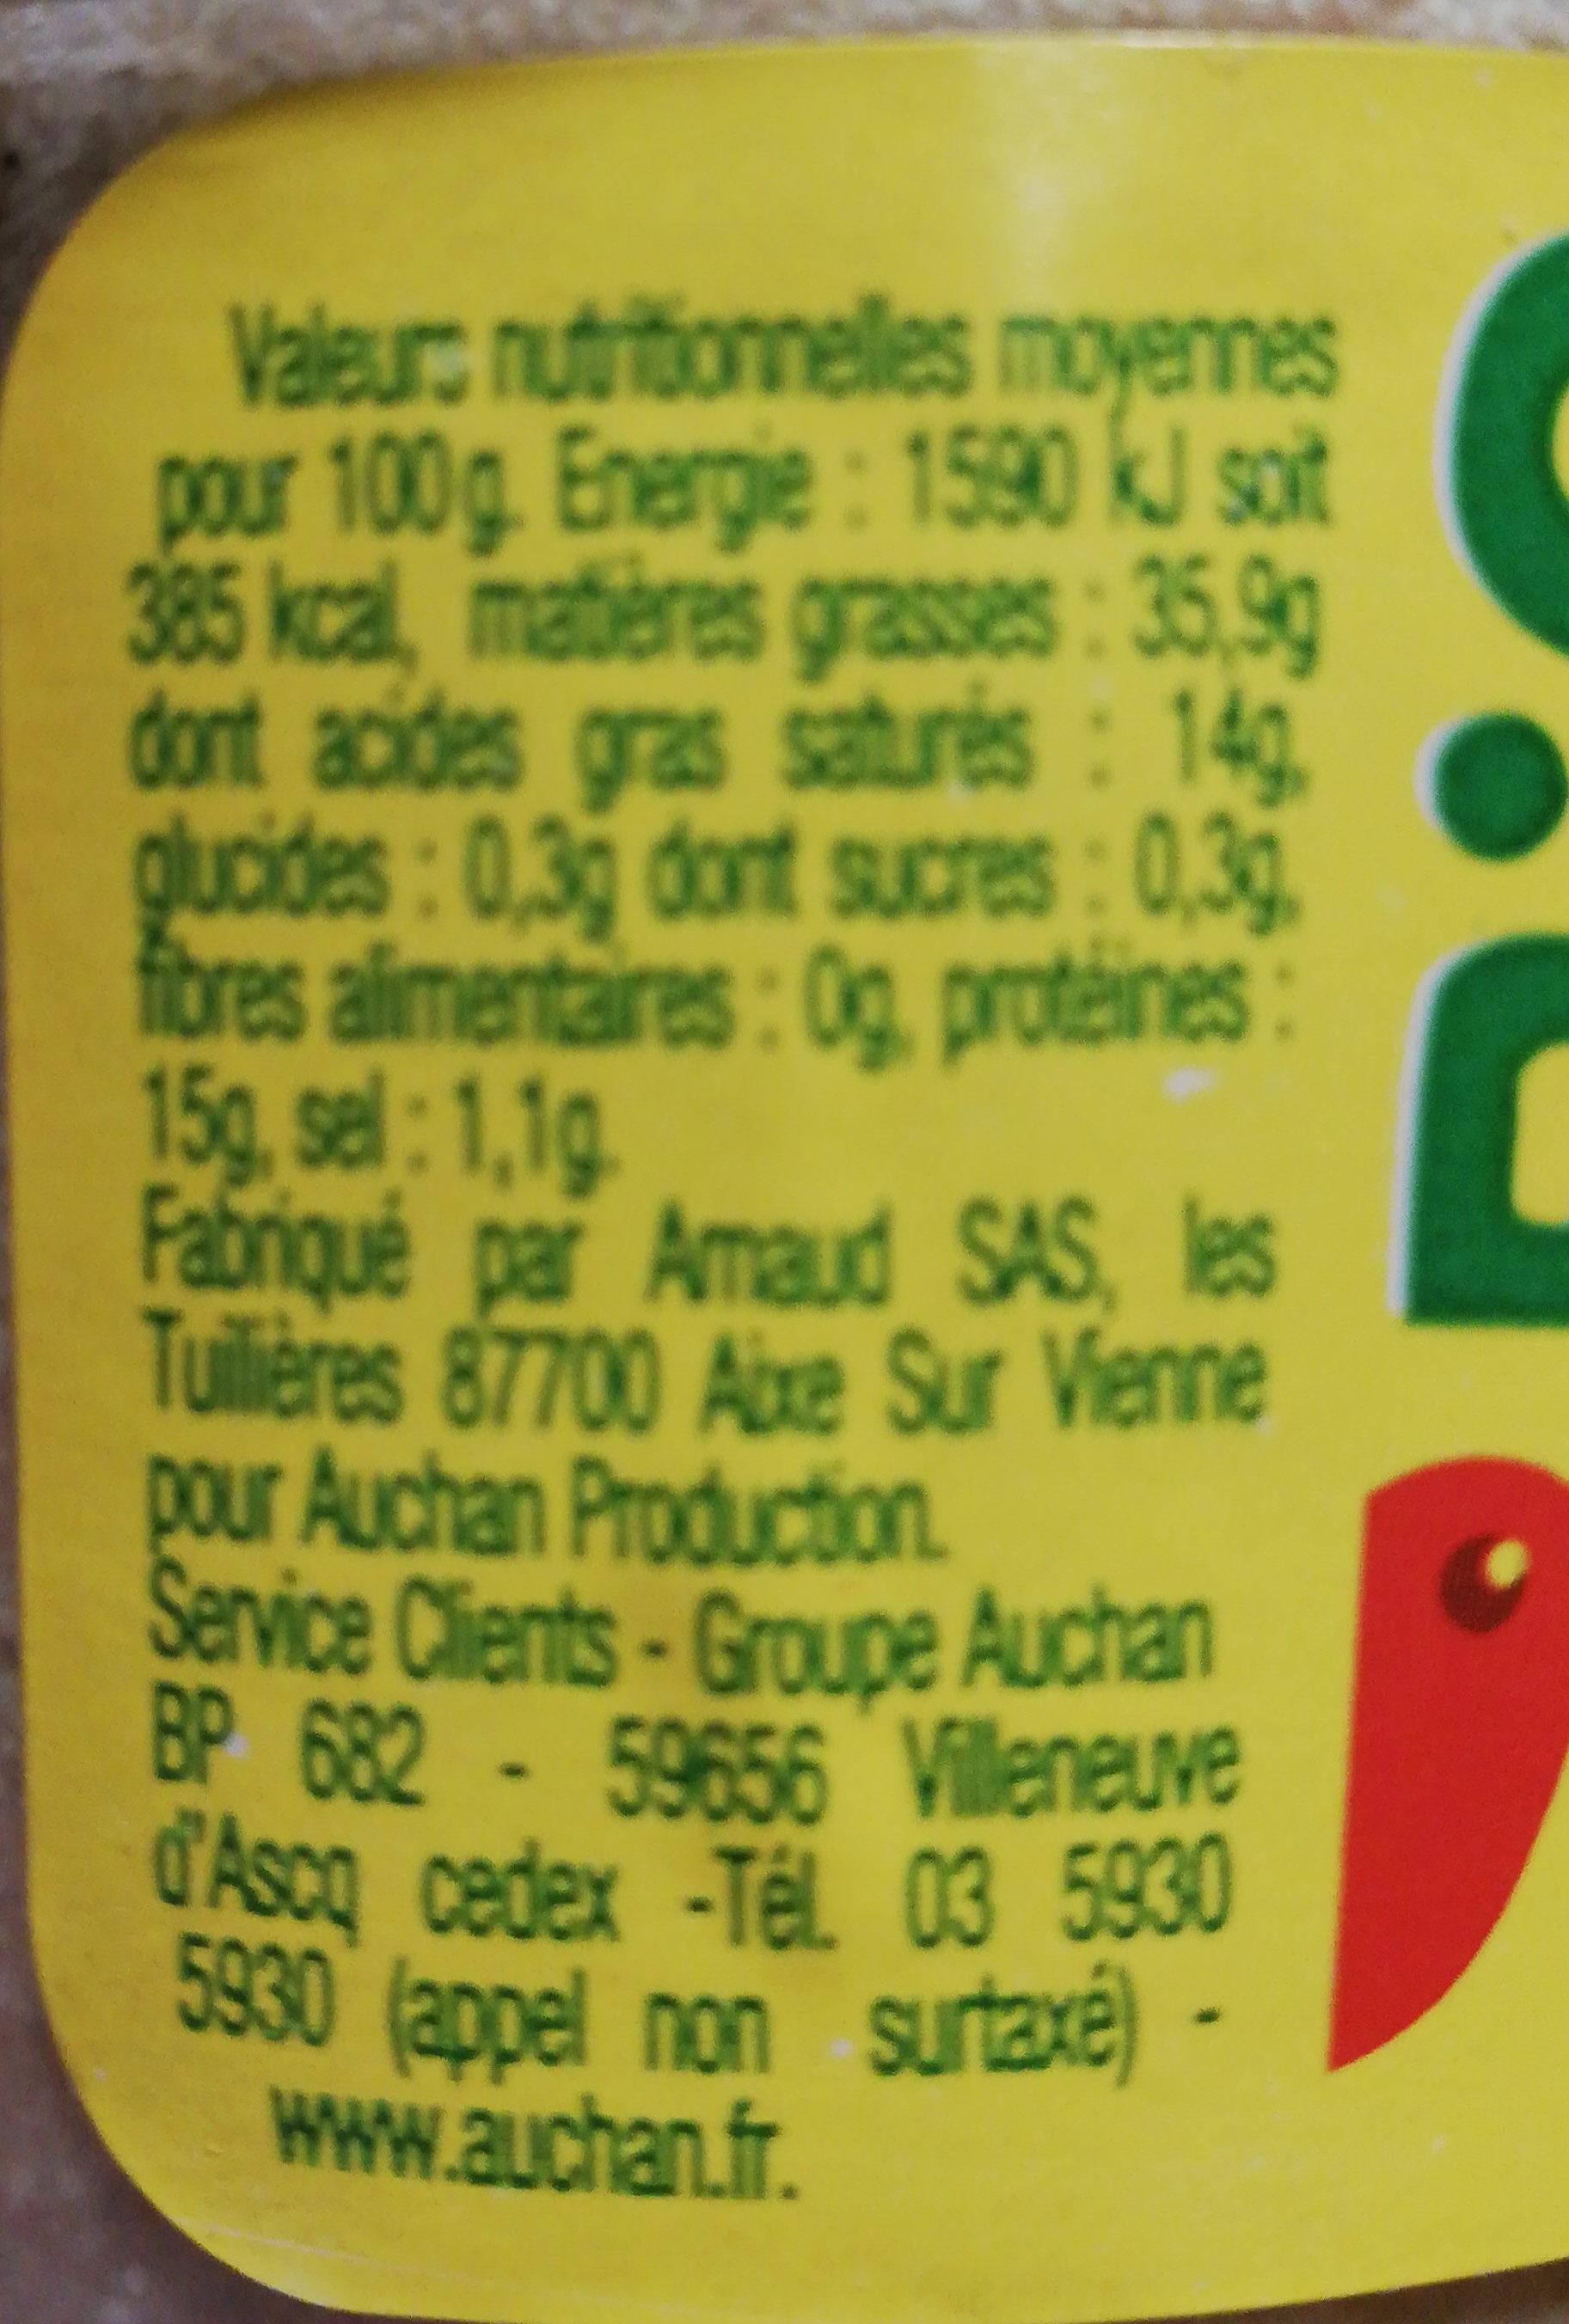 Bio rillettes pur porc verrine - Informations nutritionnelles - fr